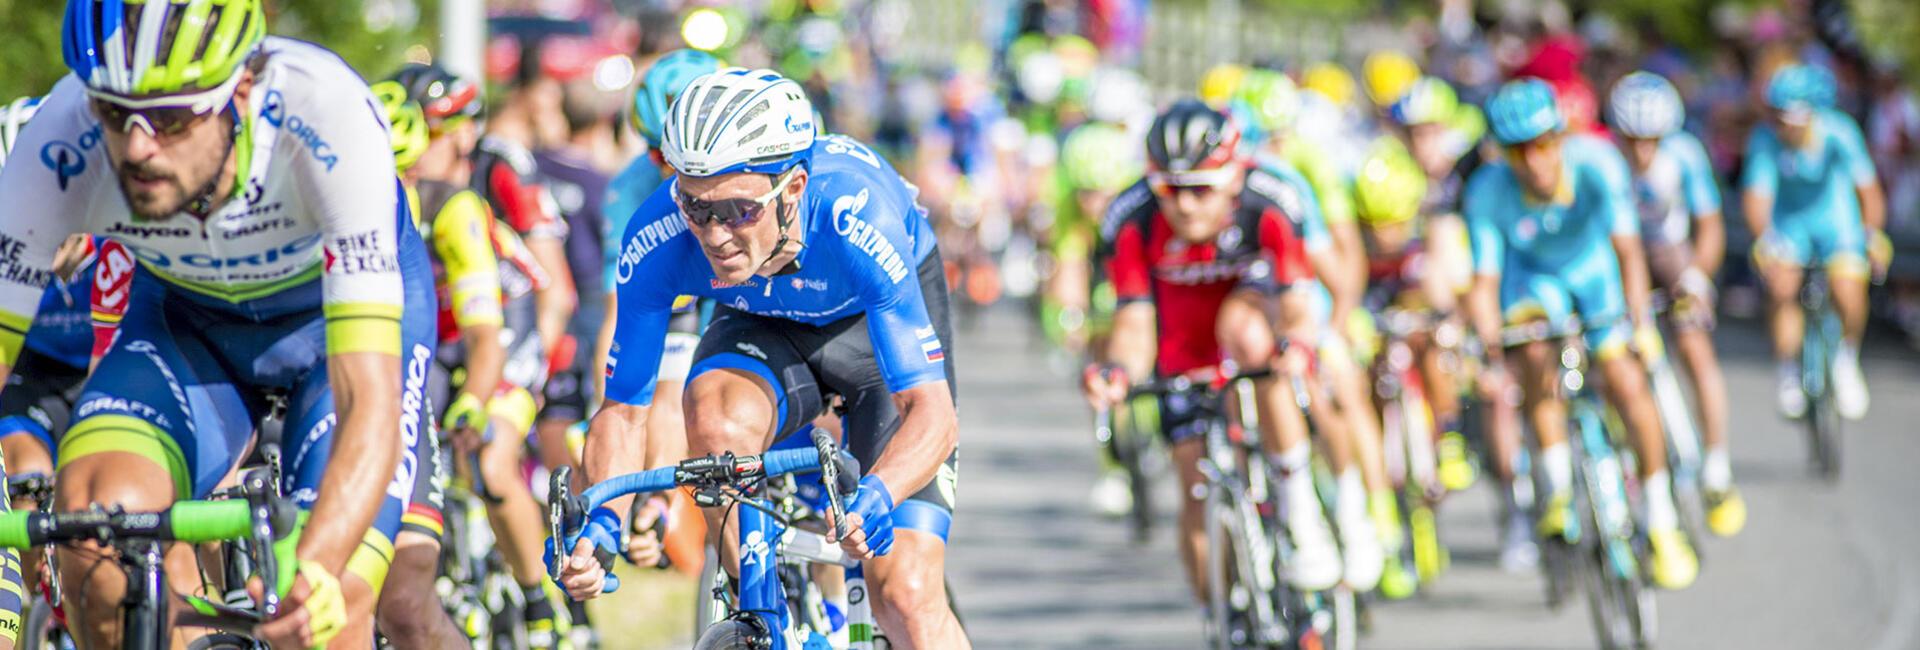 laurahotel it bike 001